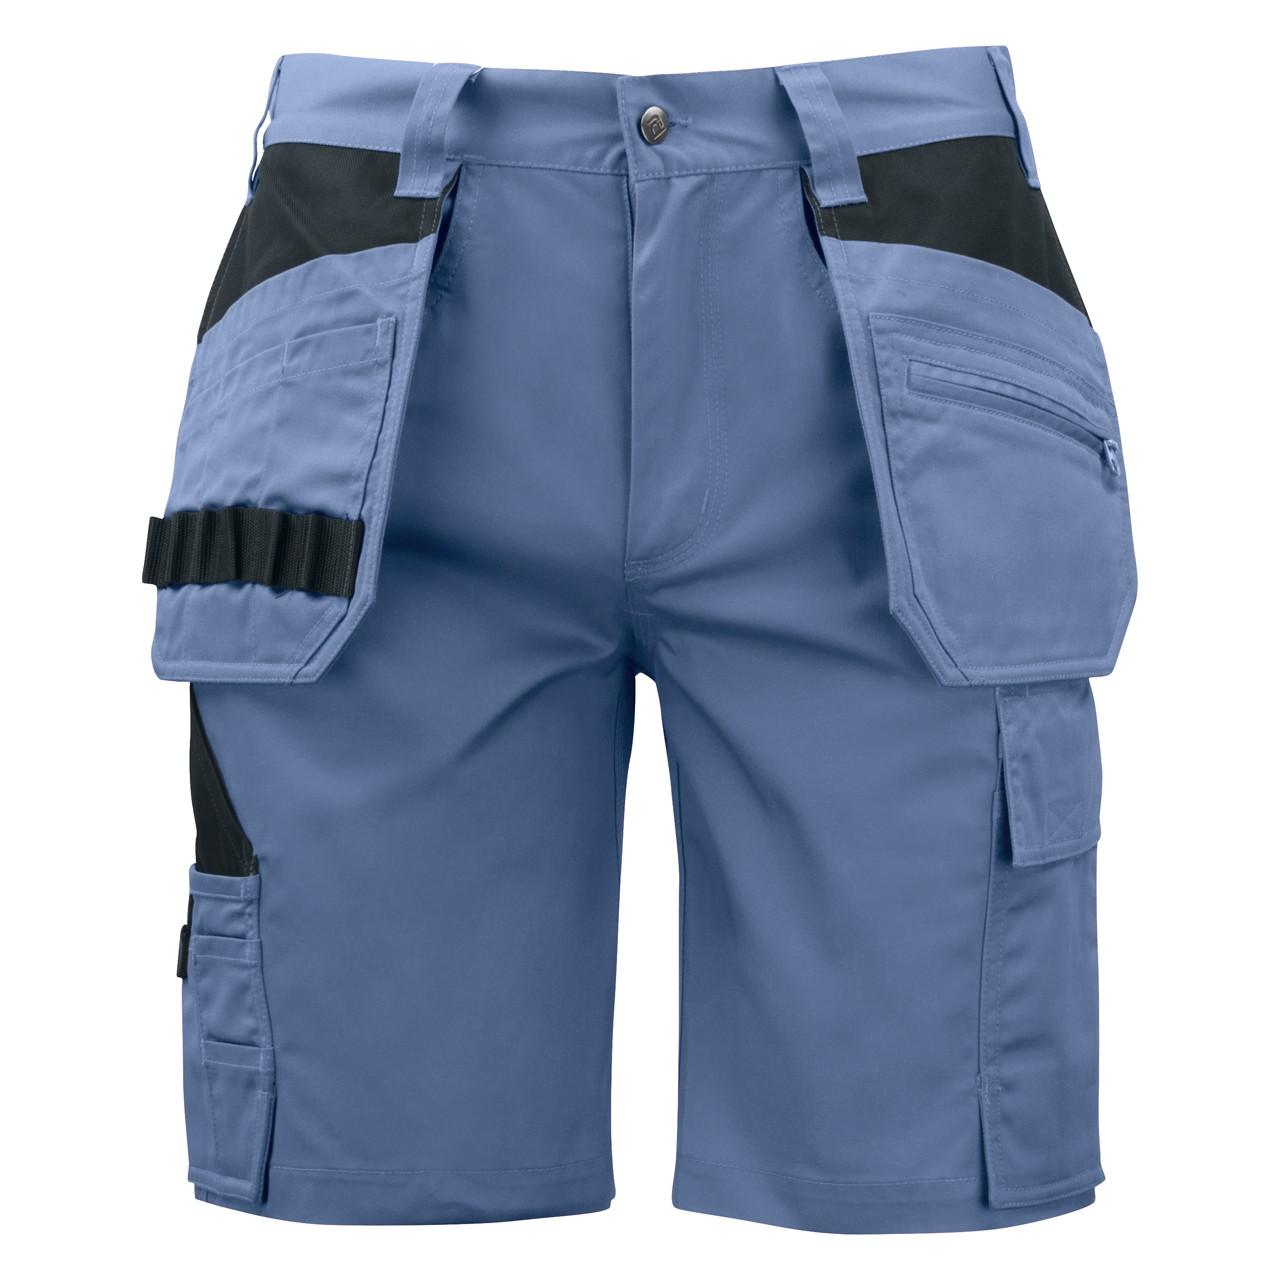 Arbeits Shorts Projob® | bedrucken, besticken, bedrucken lassen, besticken lassen, mit Logo |